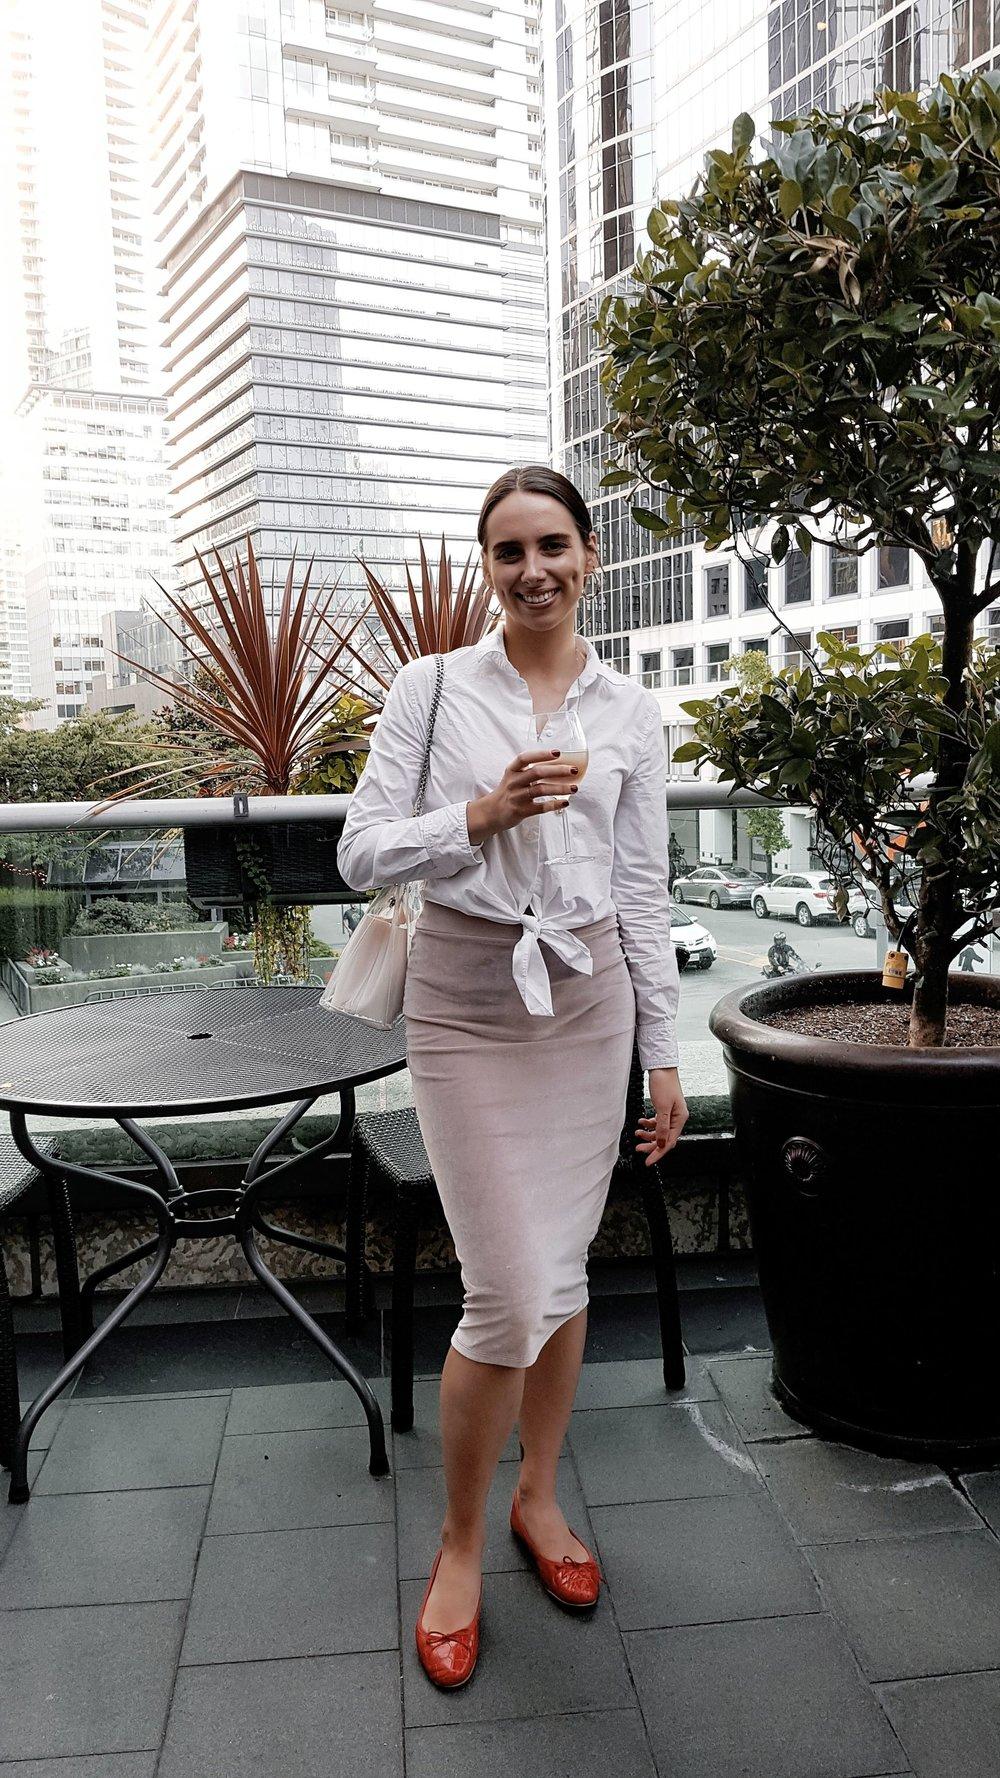 THURSDAY - Aritzia shirt & skirt, Zara flats